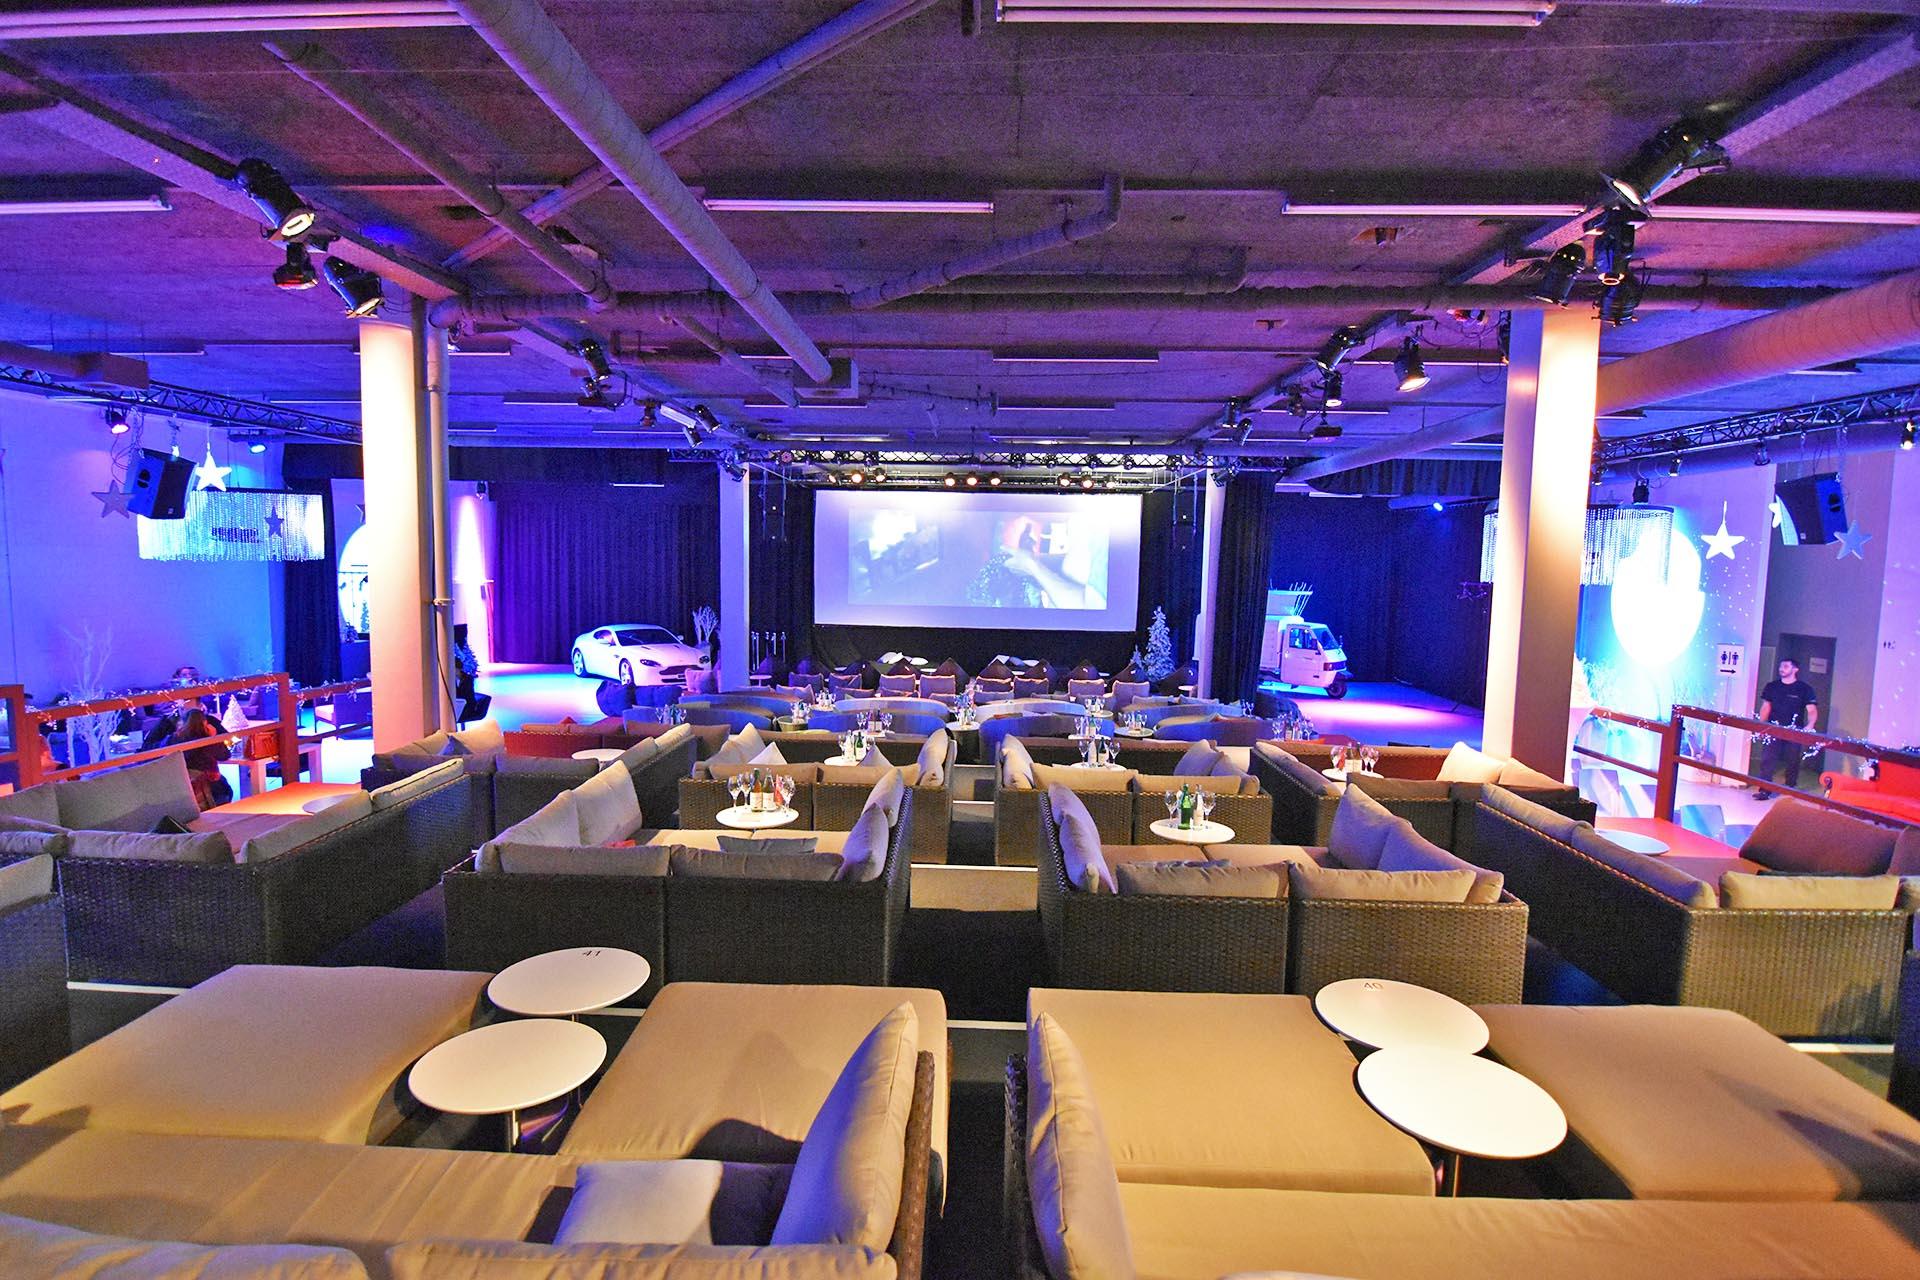 lounge-kino-ansicht-von-oben